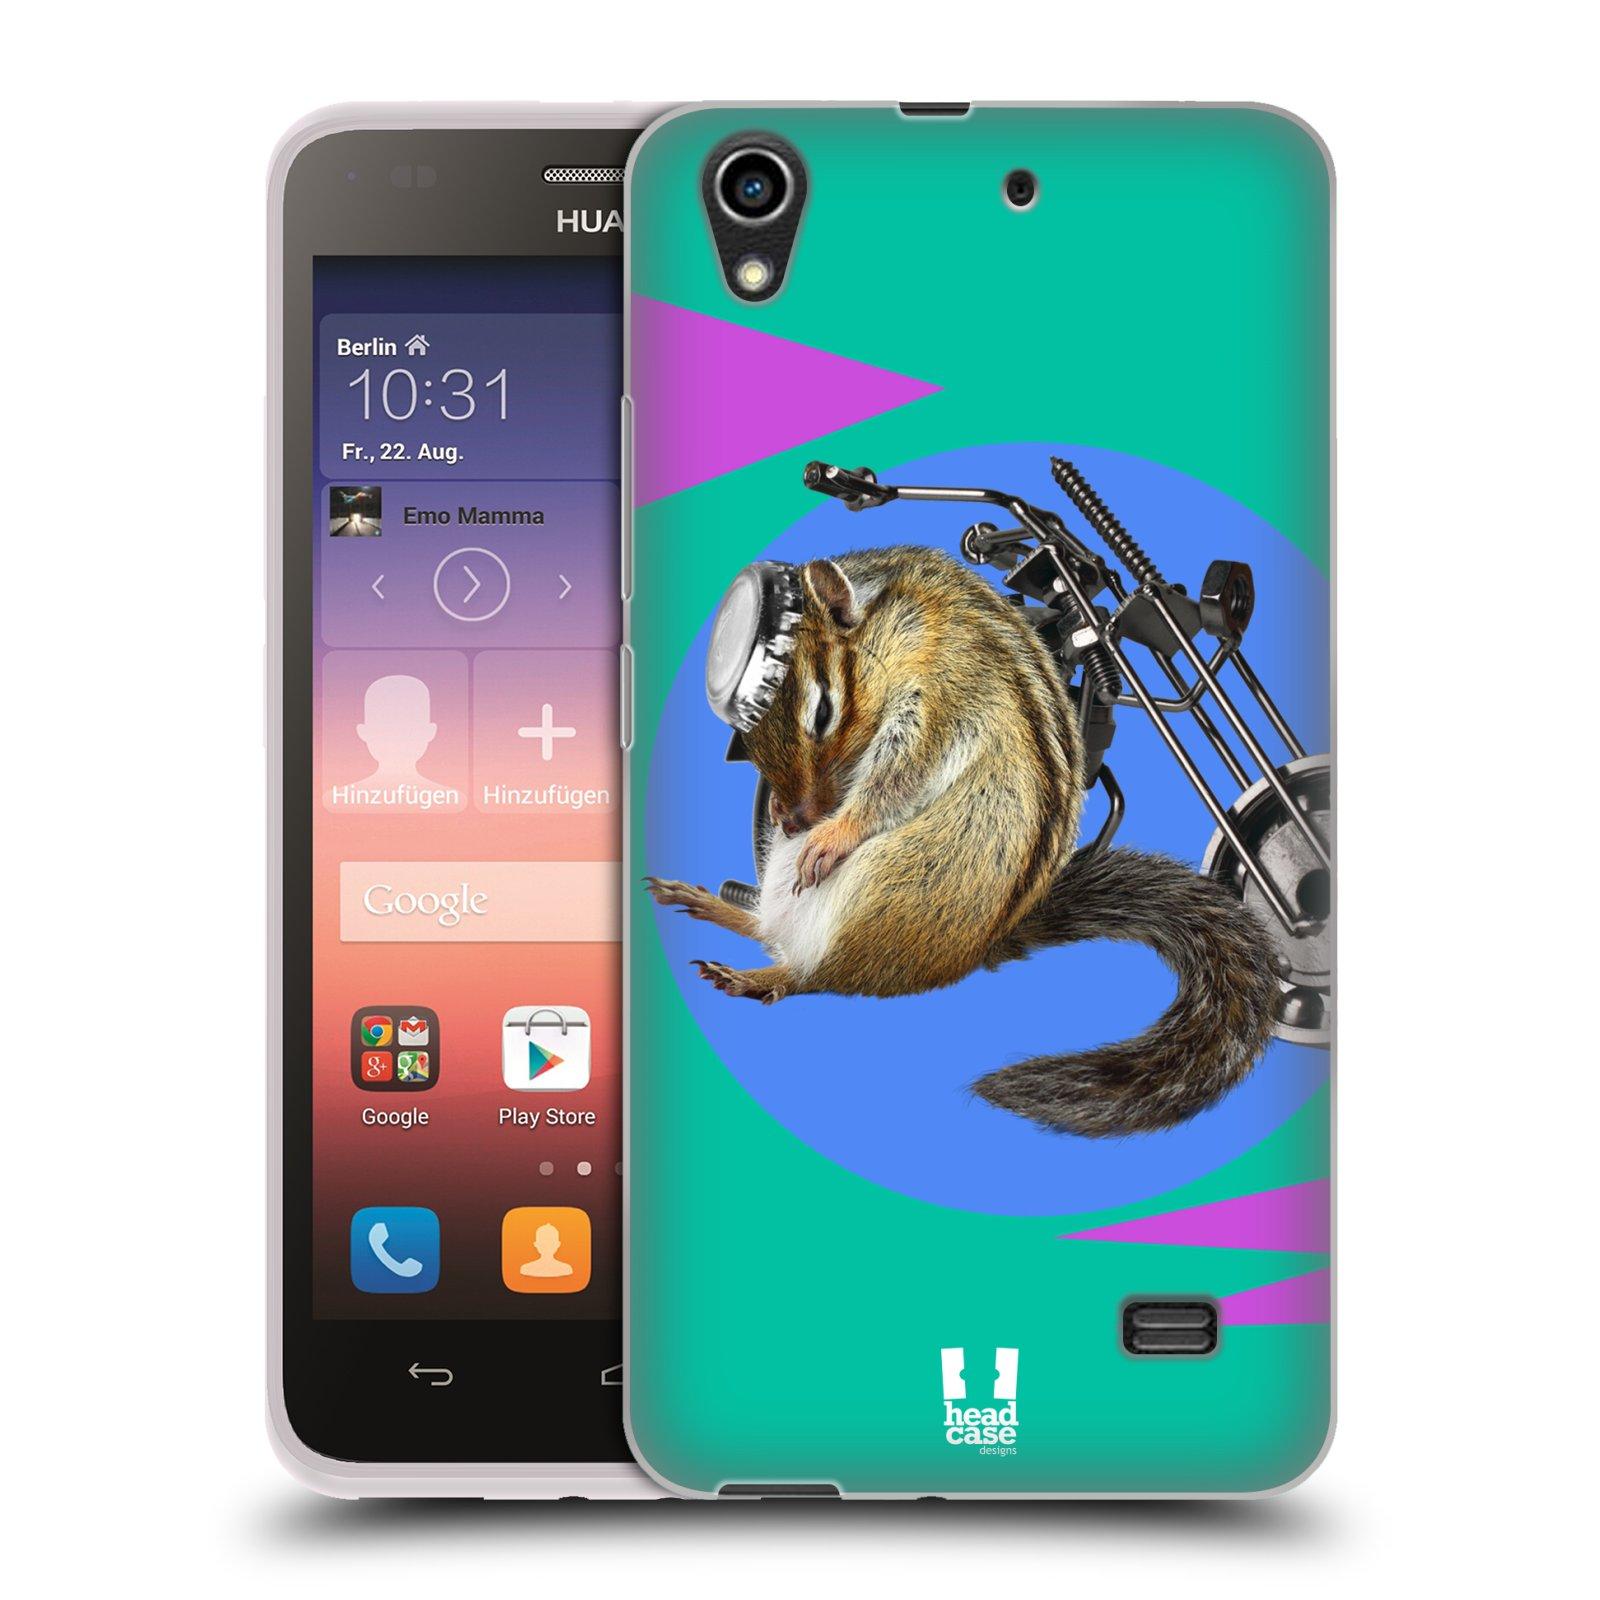 HEAD CASE silikonový obal na mobil Huawei Honor 4 Play Legrační zvířátka veverka motorkář chipmunk